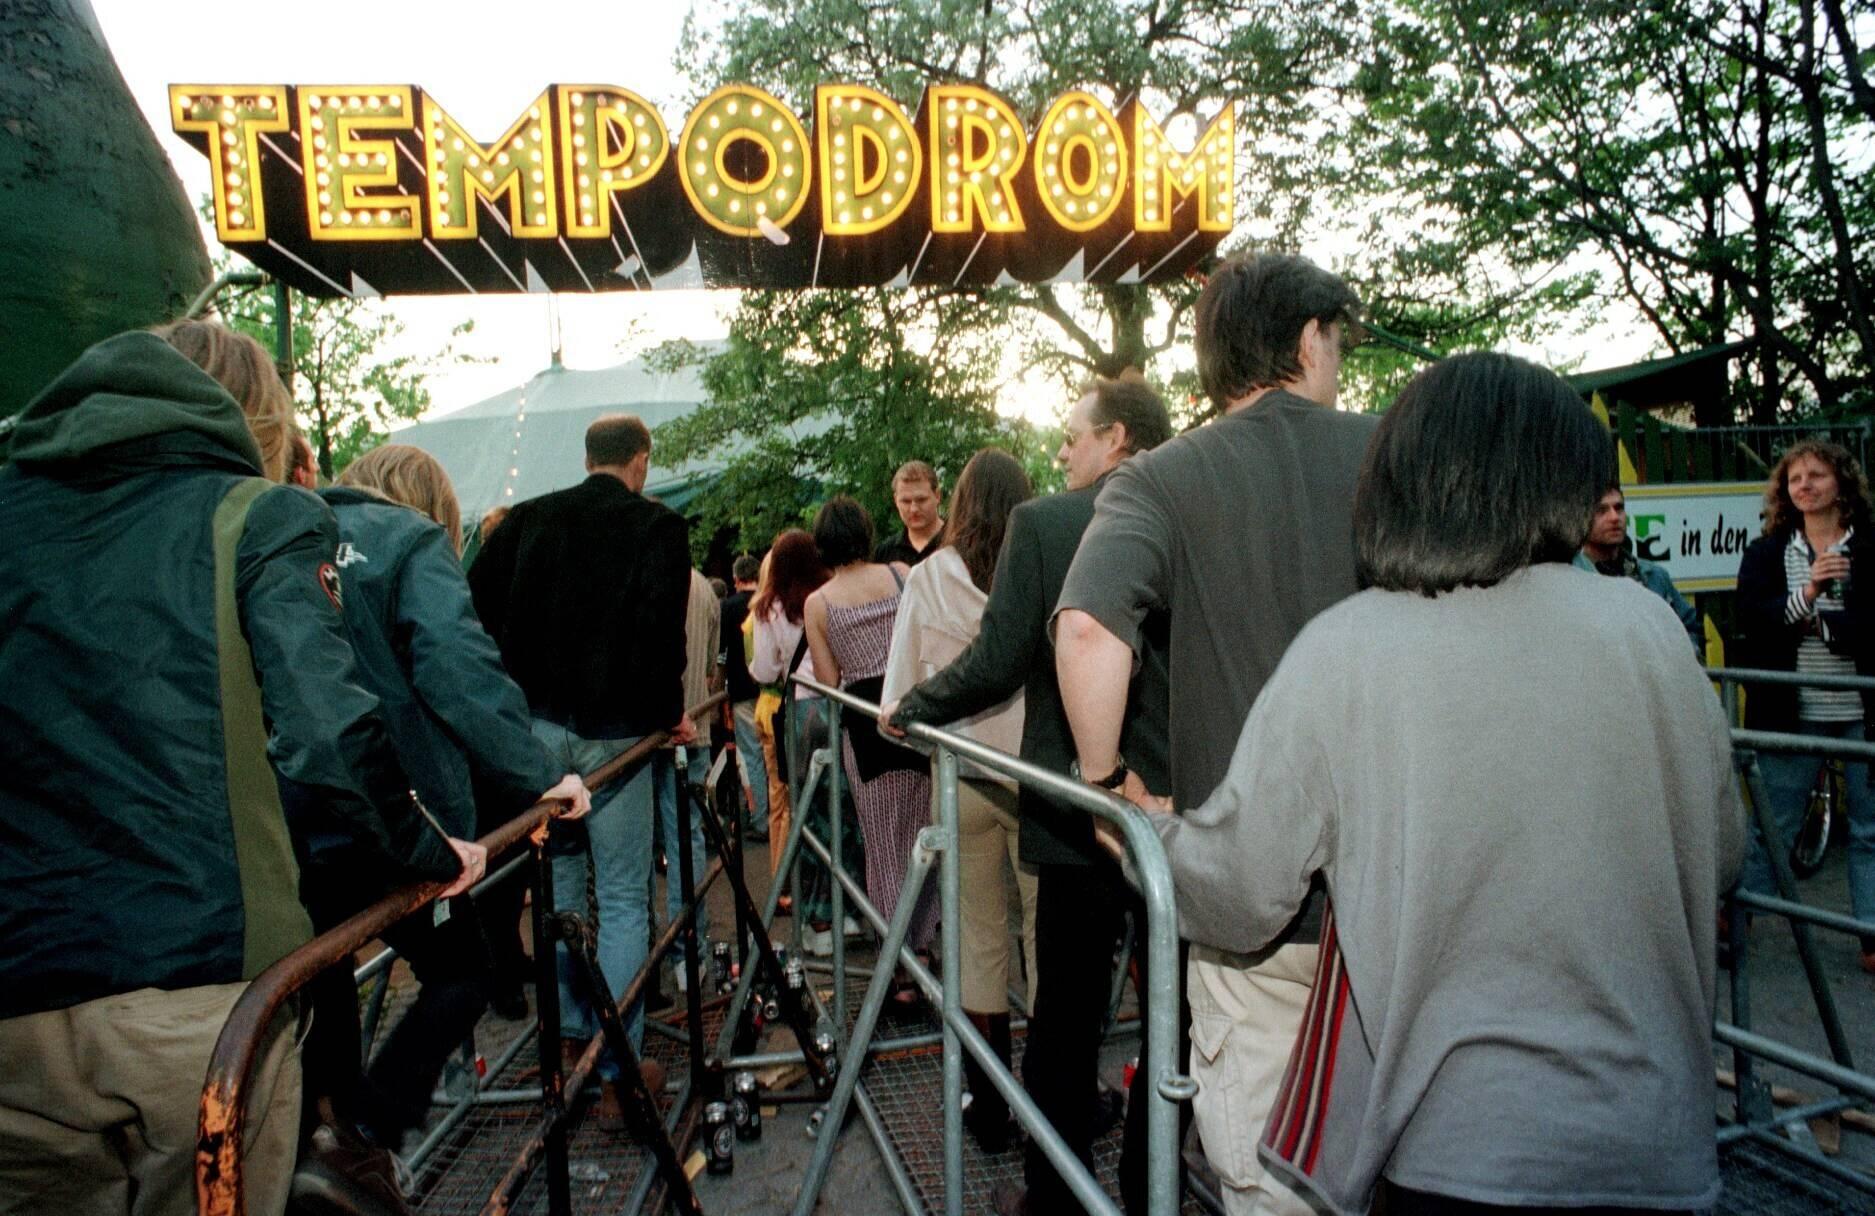 Der alte Standort des Tempodrom im Tiergarten, späte 1990er-Jahre. Foto: Imago/Brigani-Art